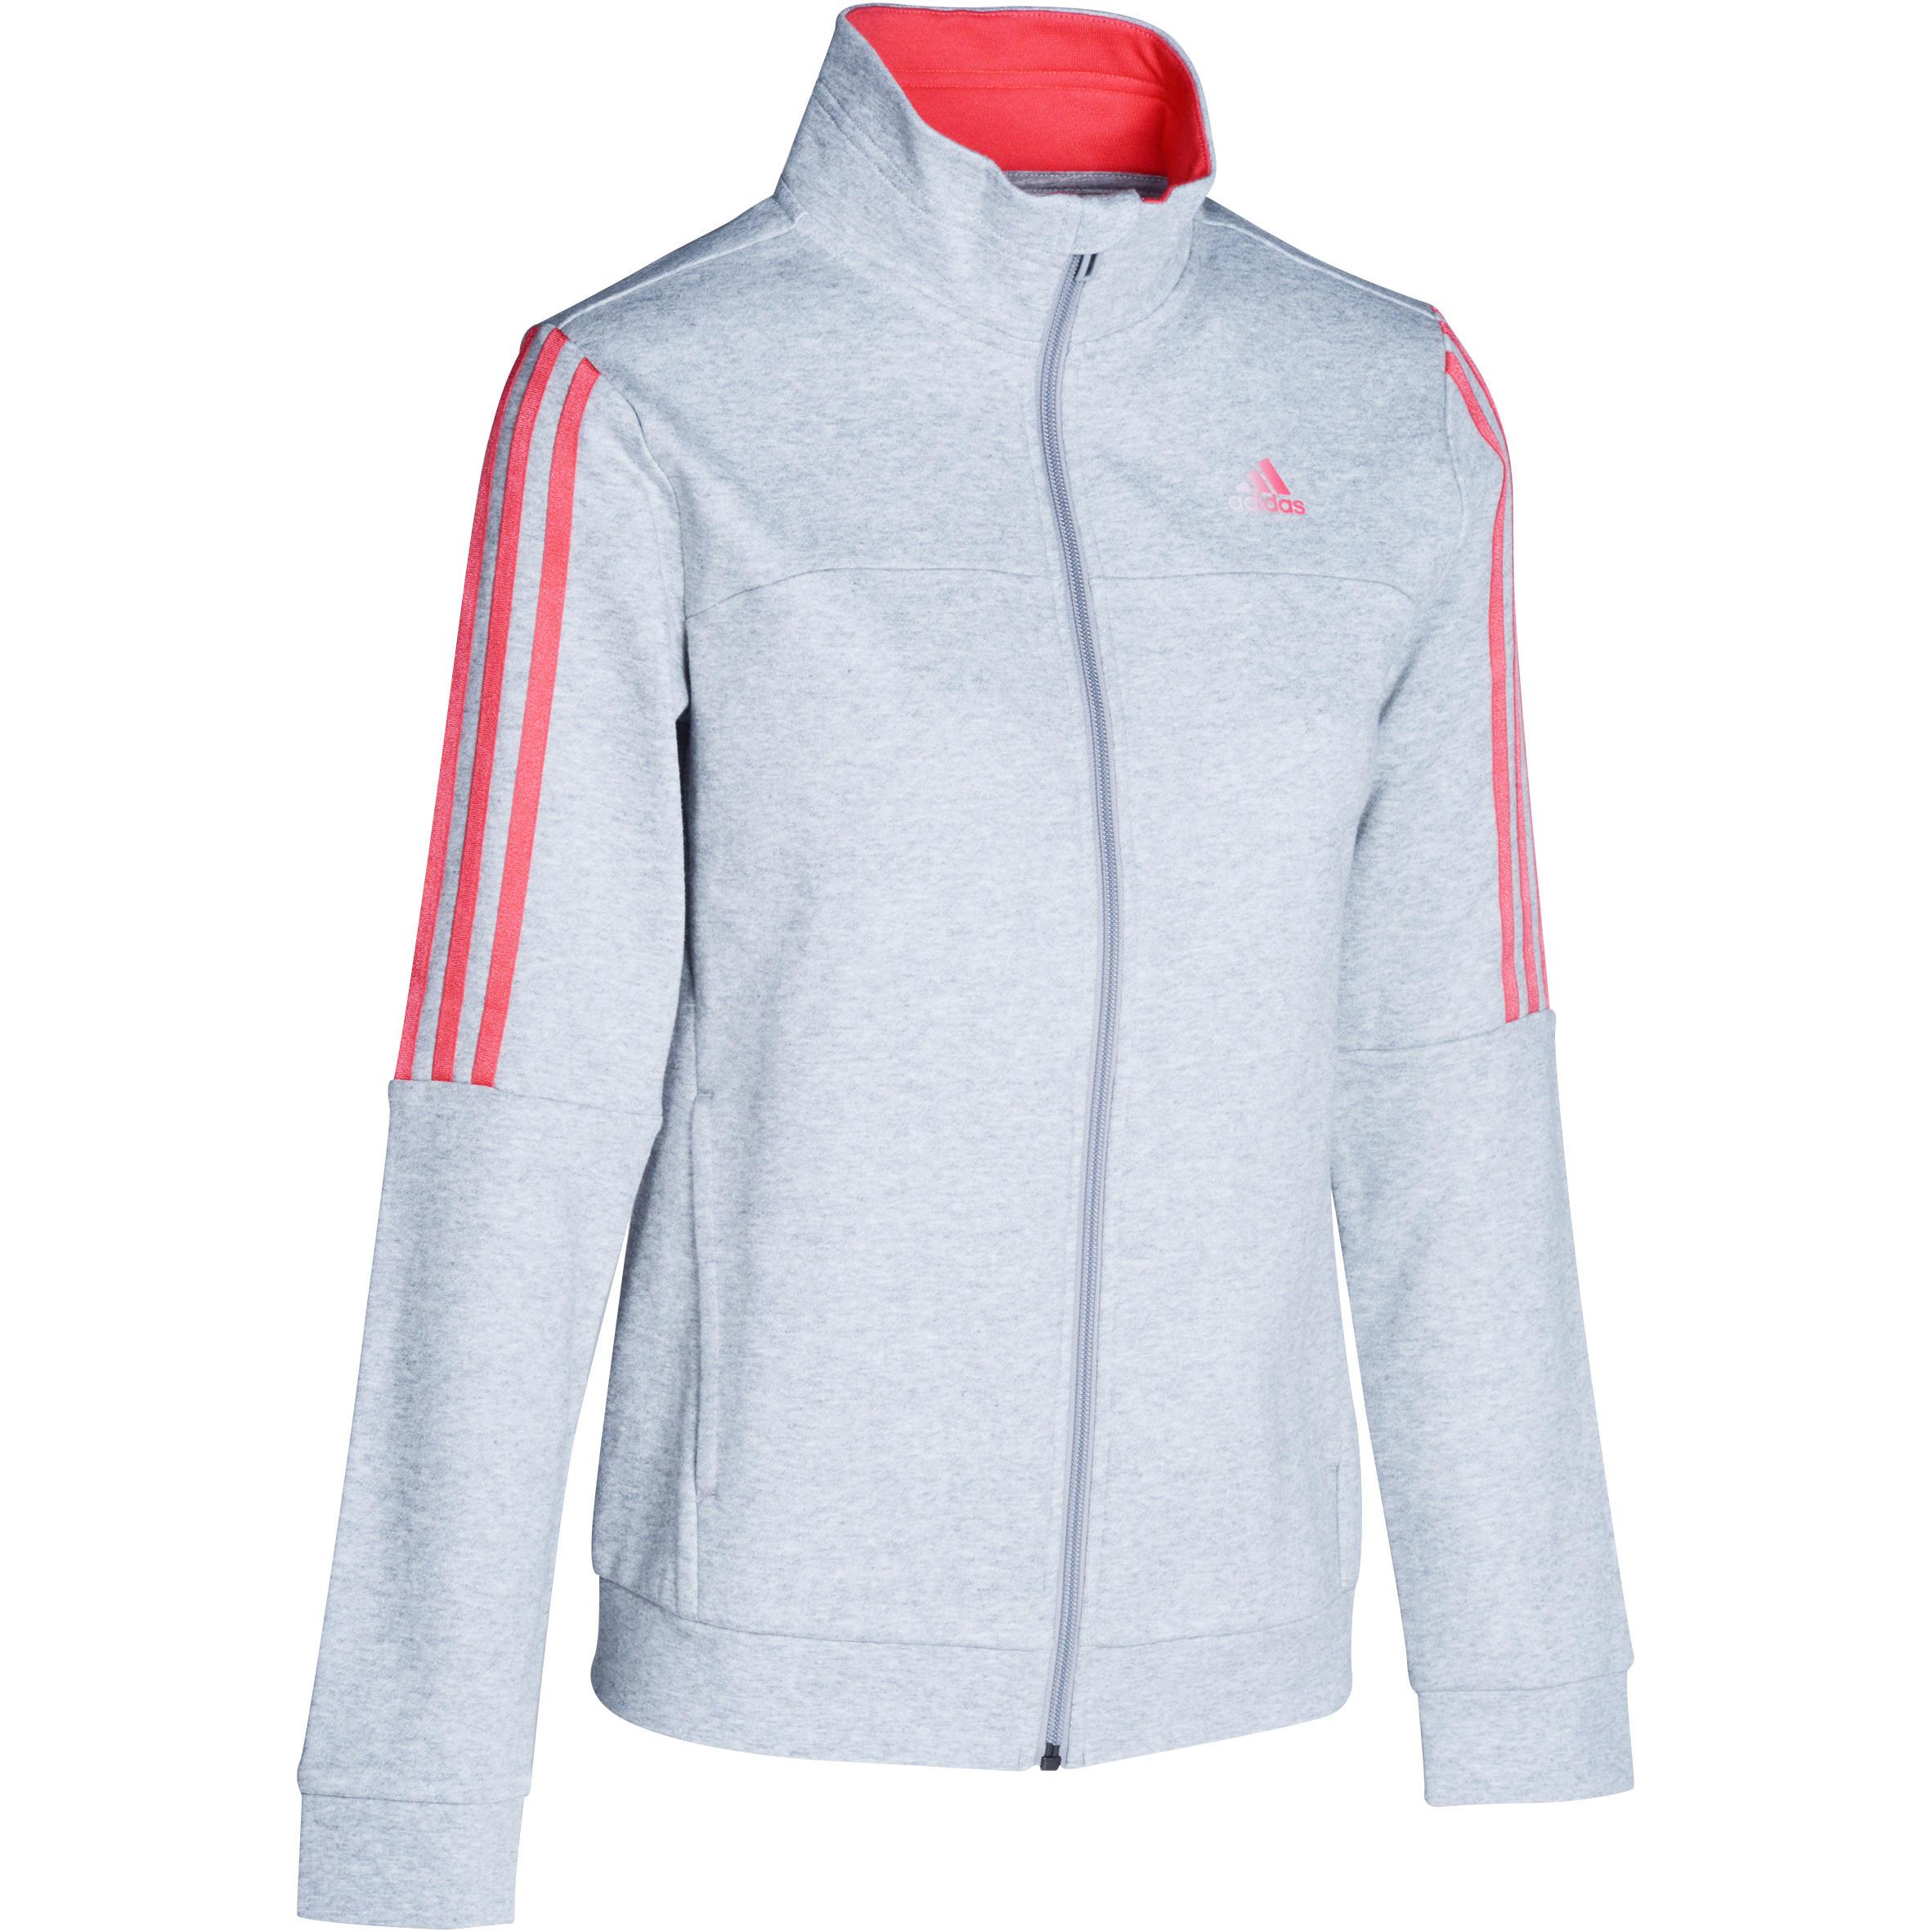 Fitnessvest voor dames grijs-roze